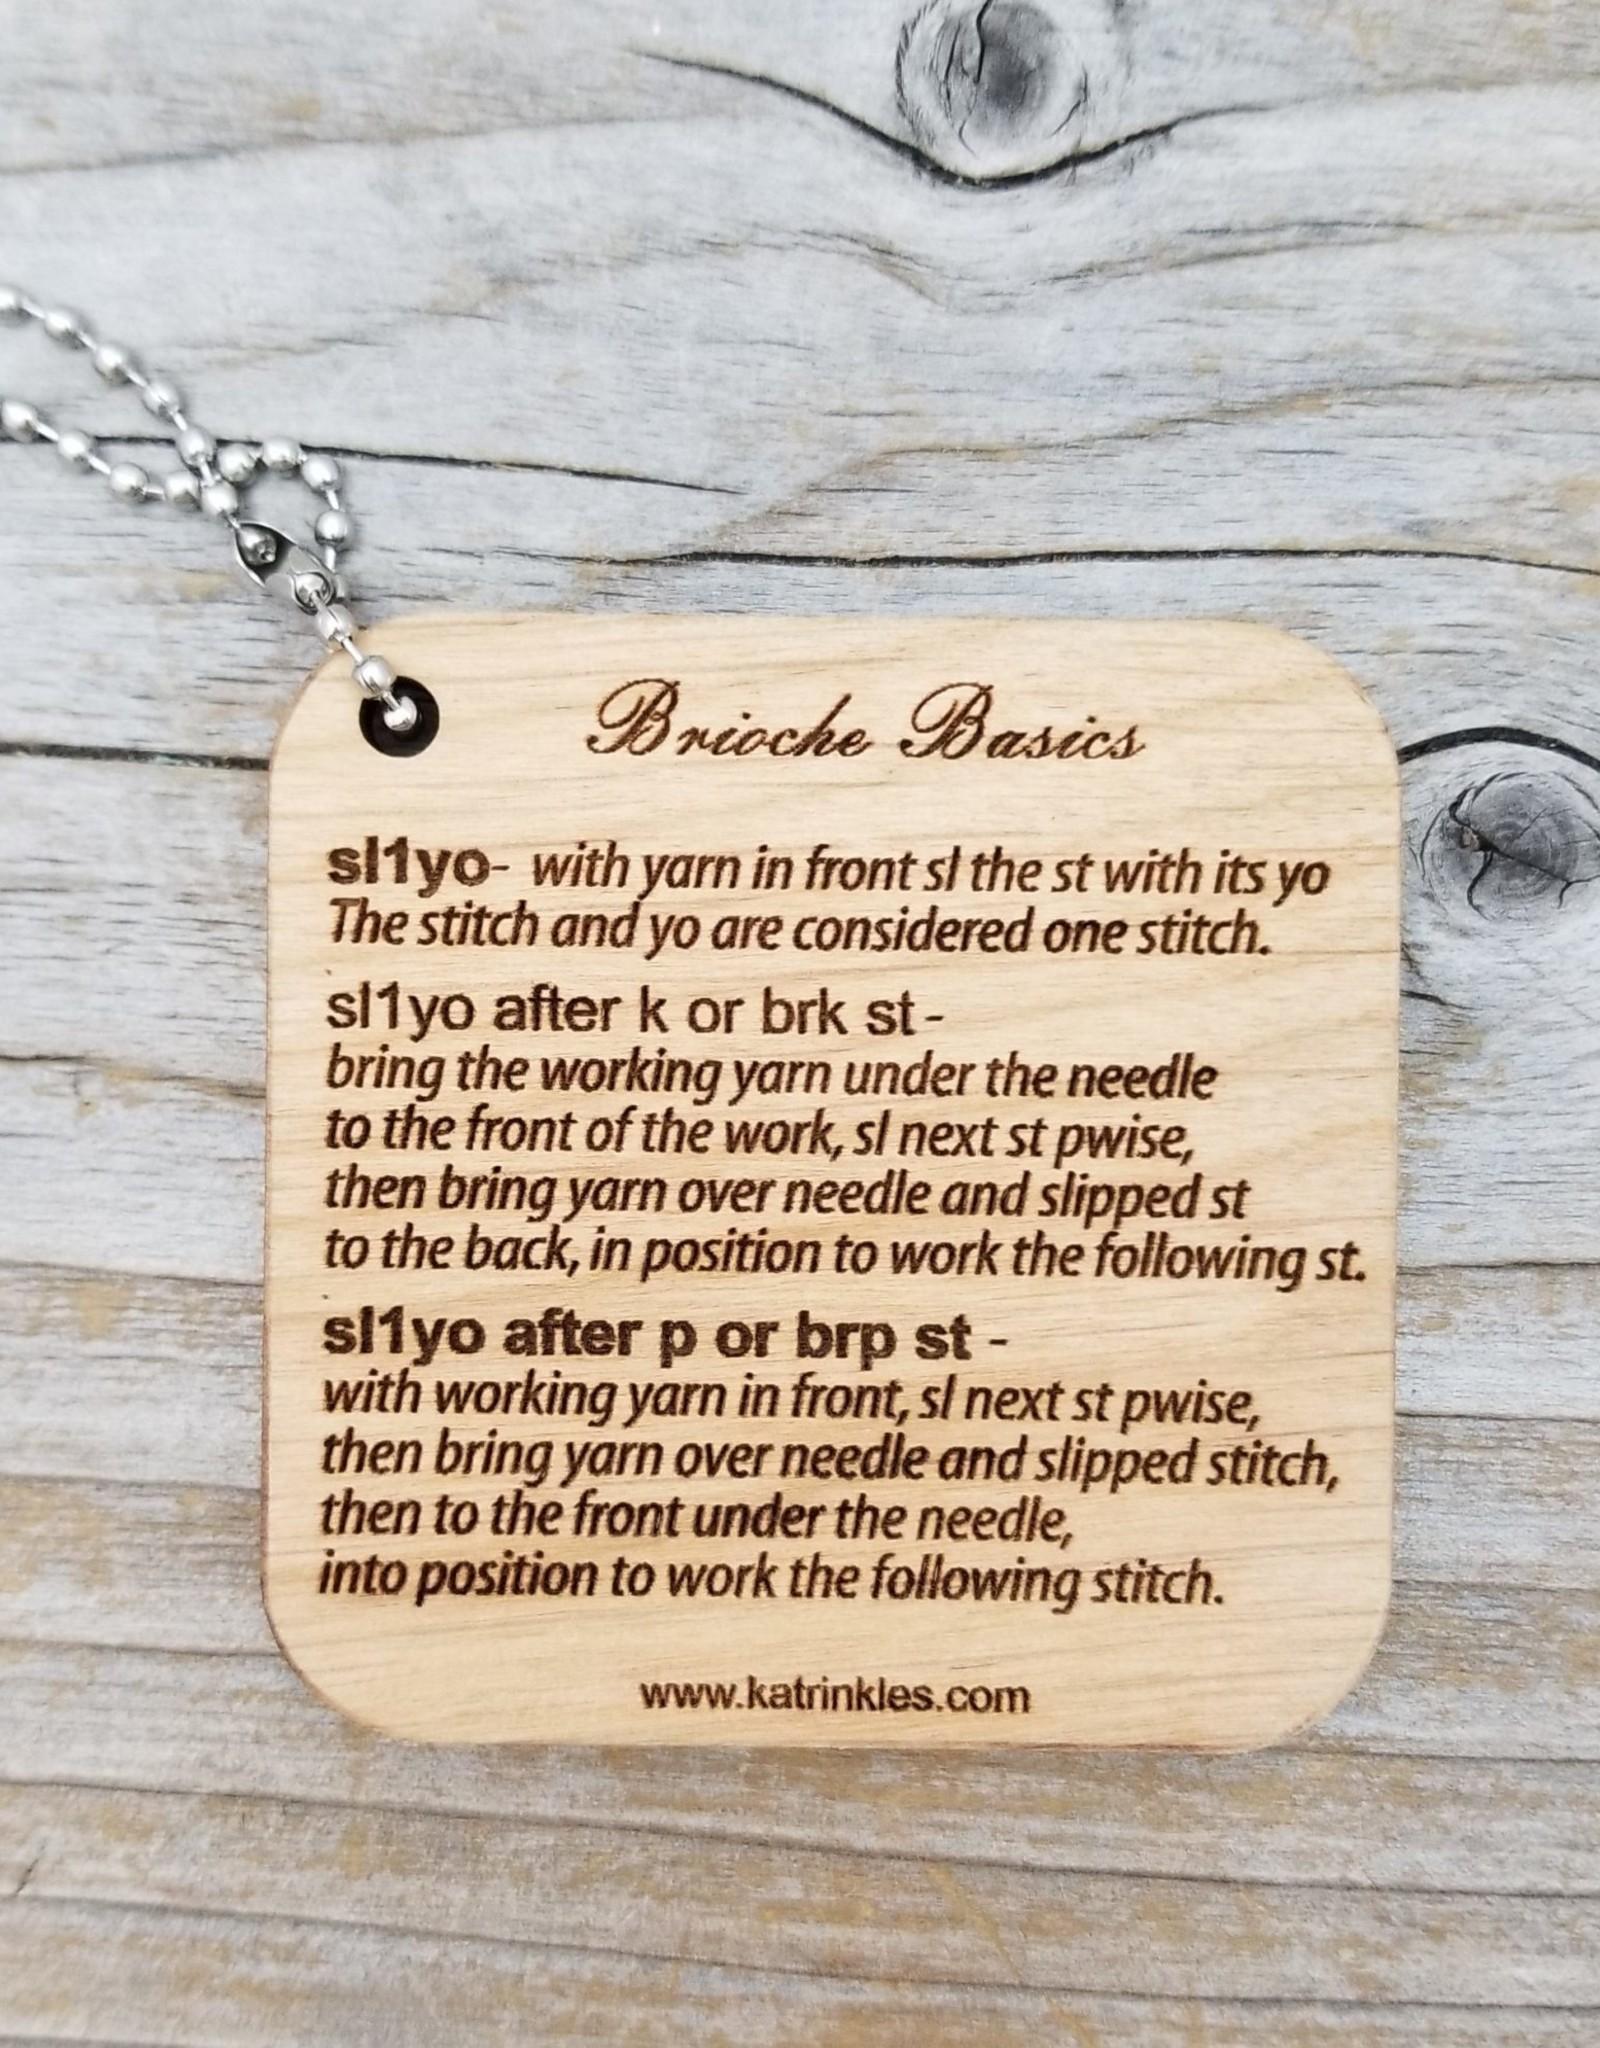 Katrinkles Katrinkles Brioche Basics Mini Tool